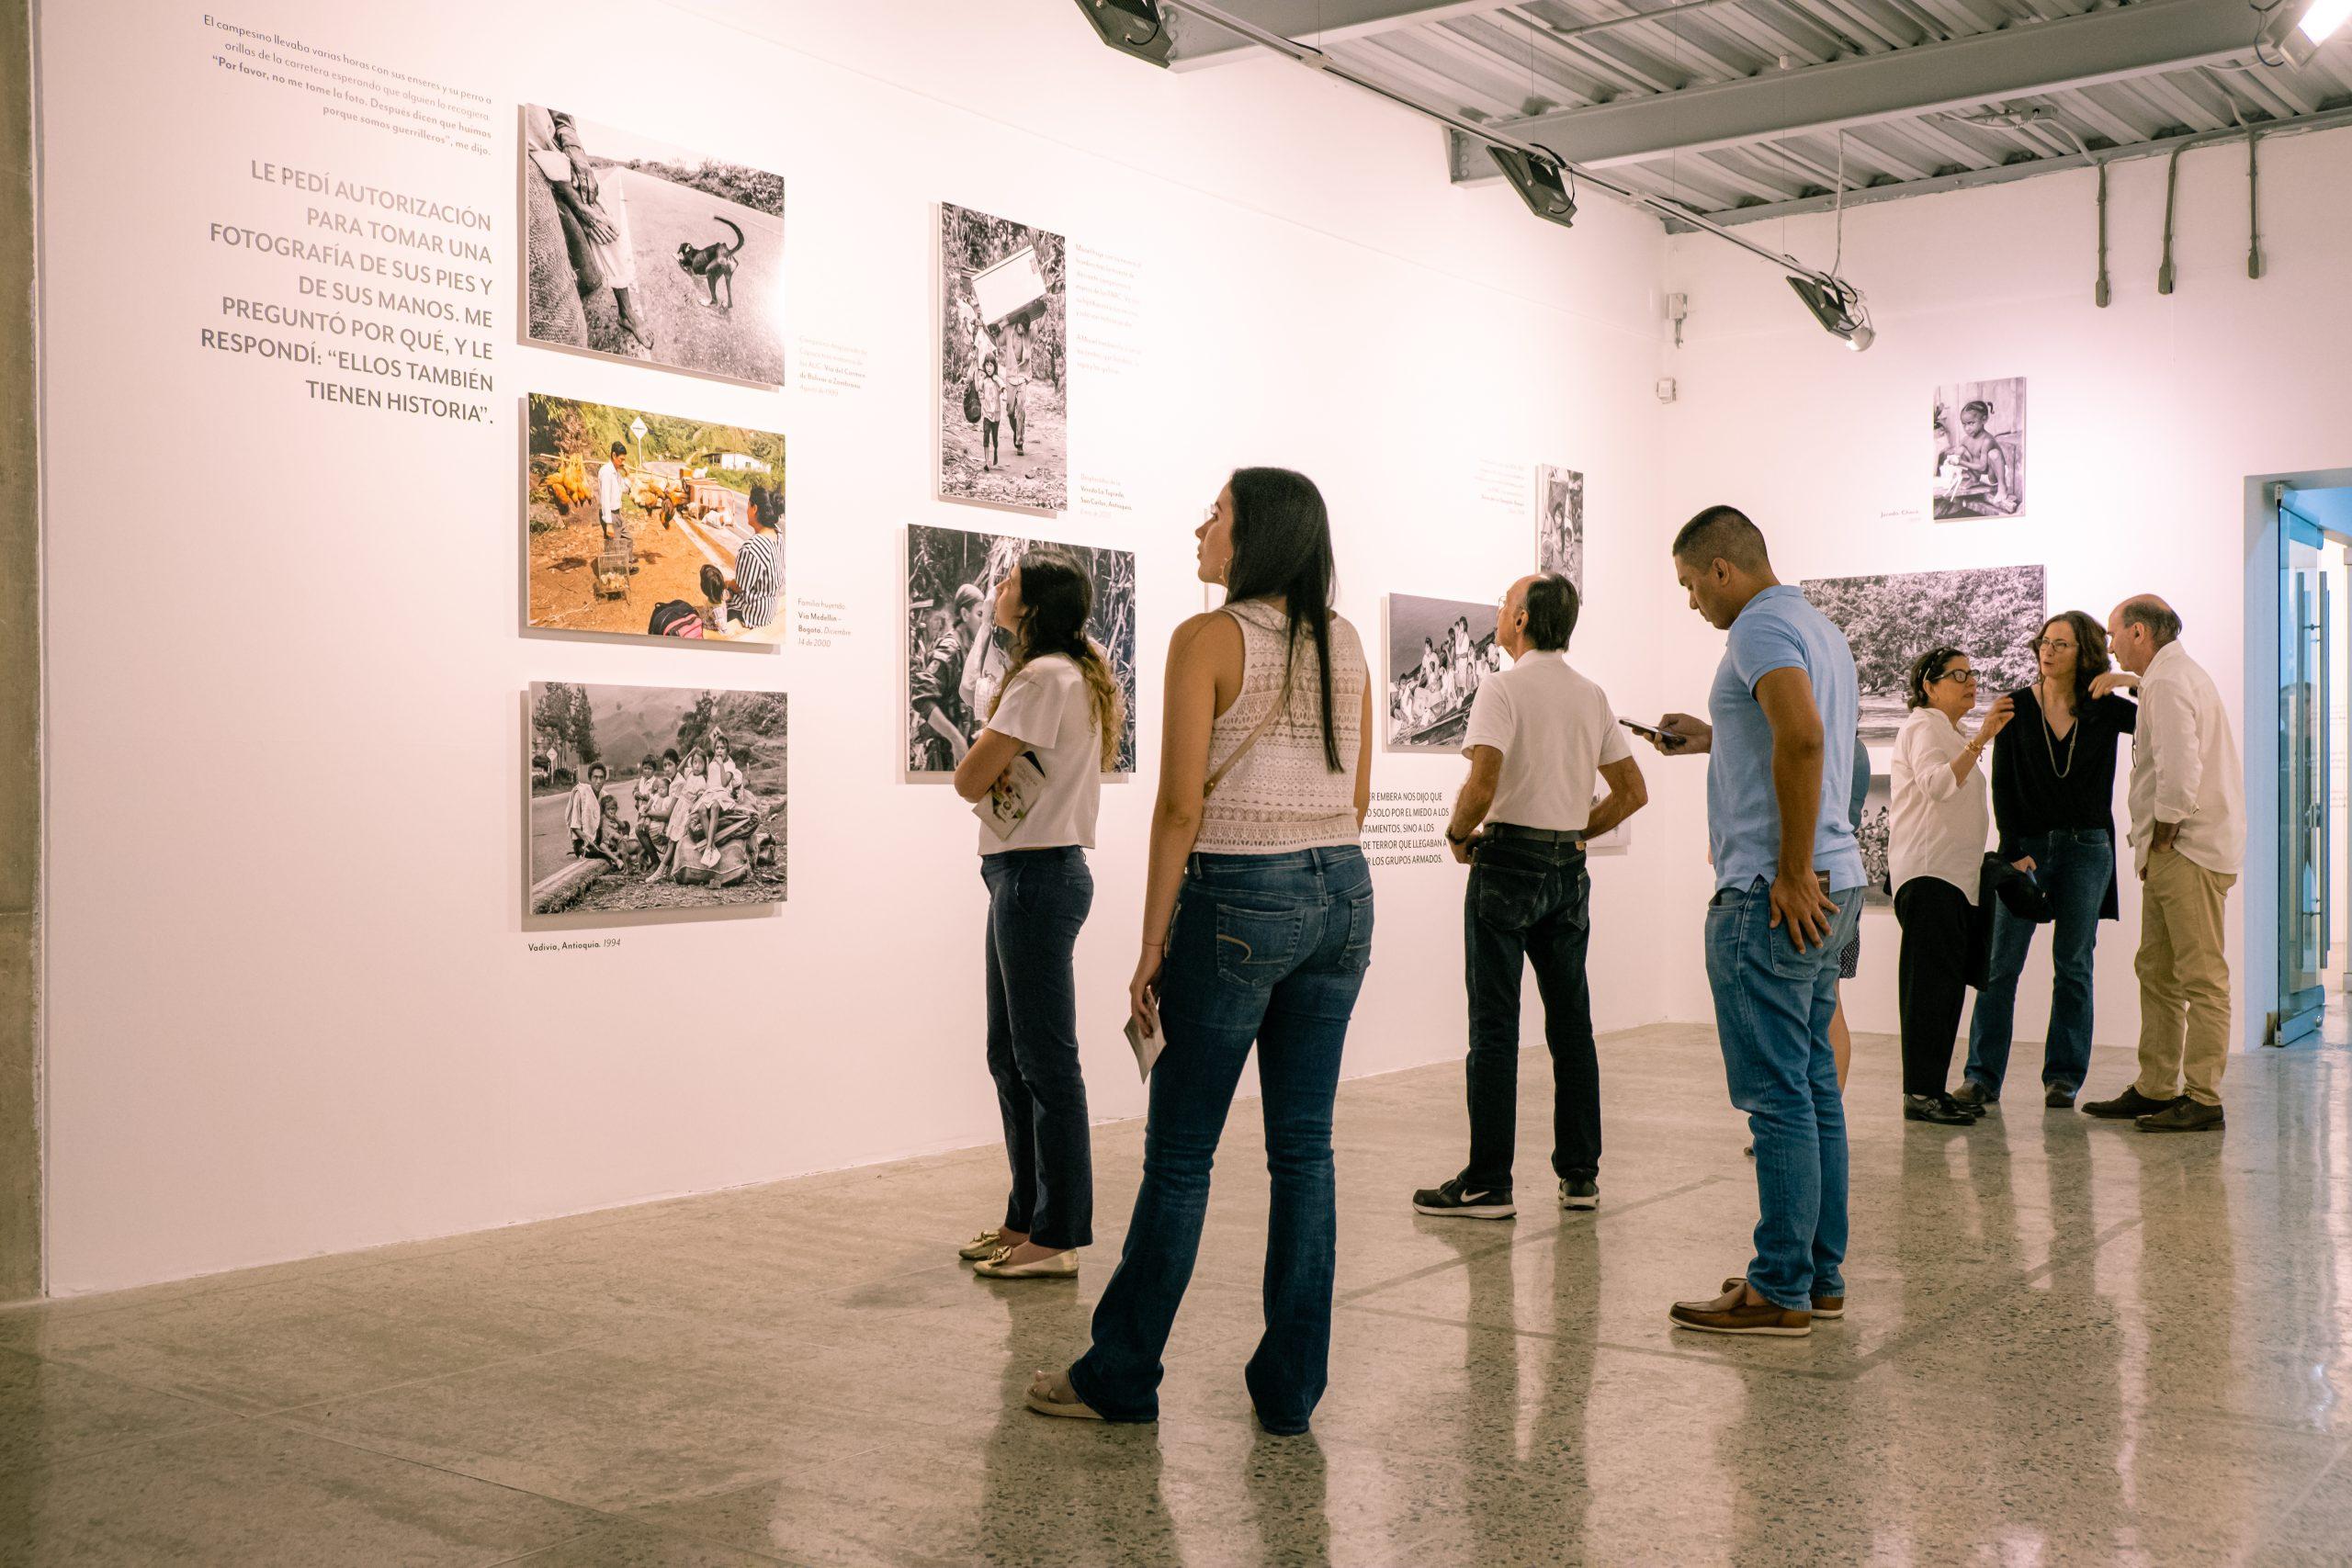 Últimos días de 'El Testigo', la exposición que todos los colombianos deberían ver - El-Testigo-2-scaled